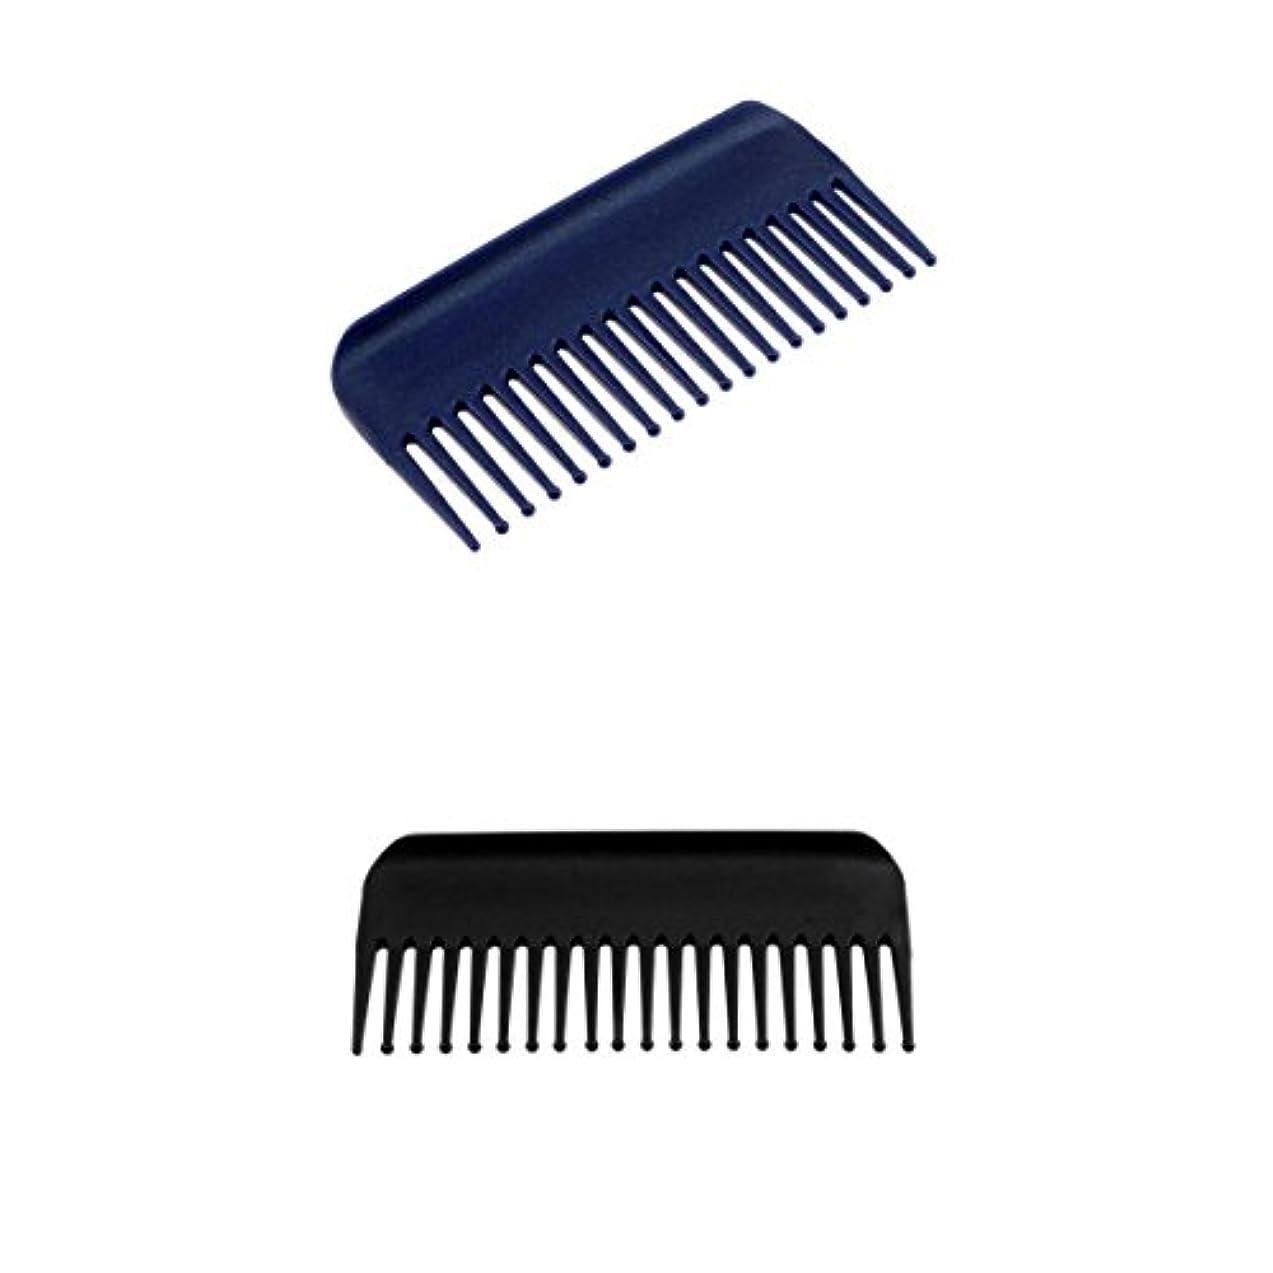 2個19歯解くこと髪くしヘアコンディショニングレーキくしワイド歯ヘアブラシサロン理容ツール